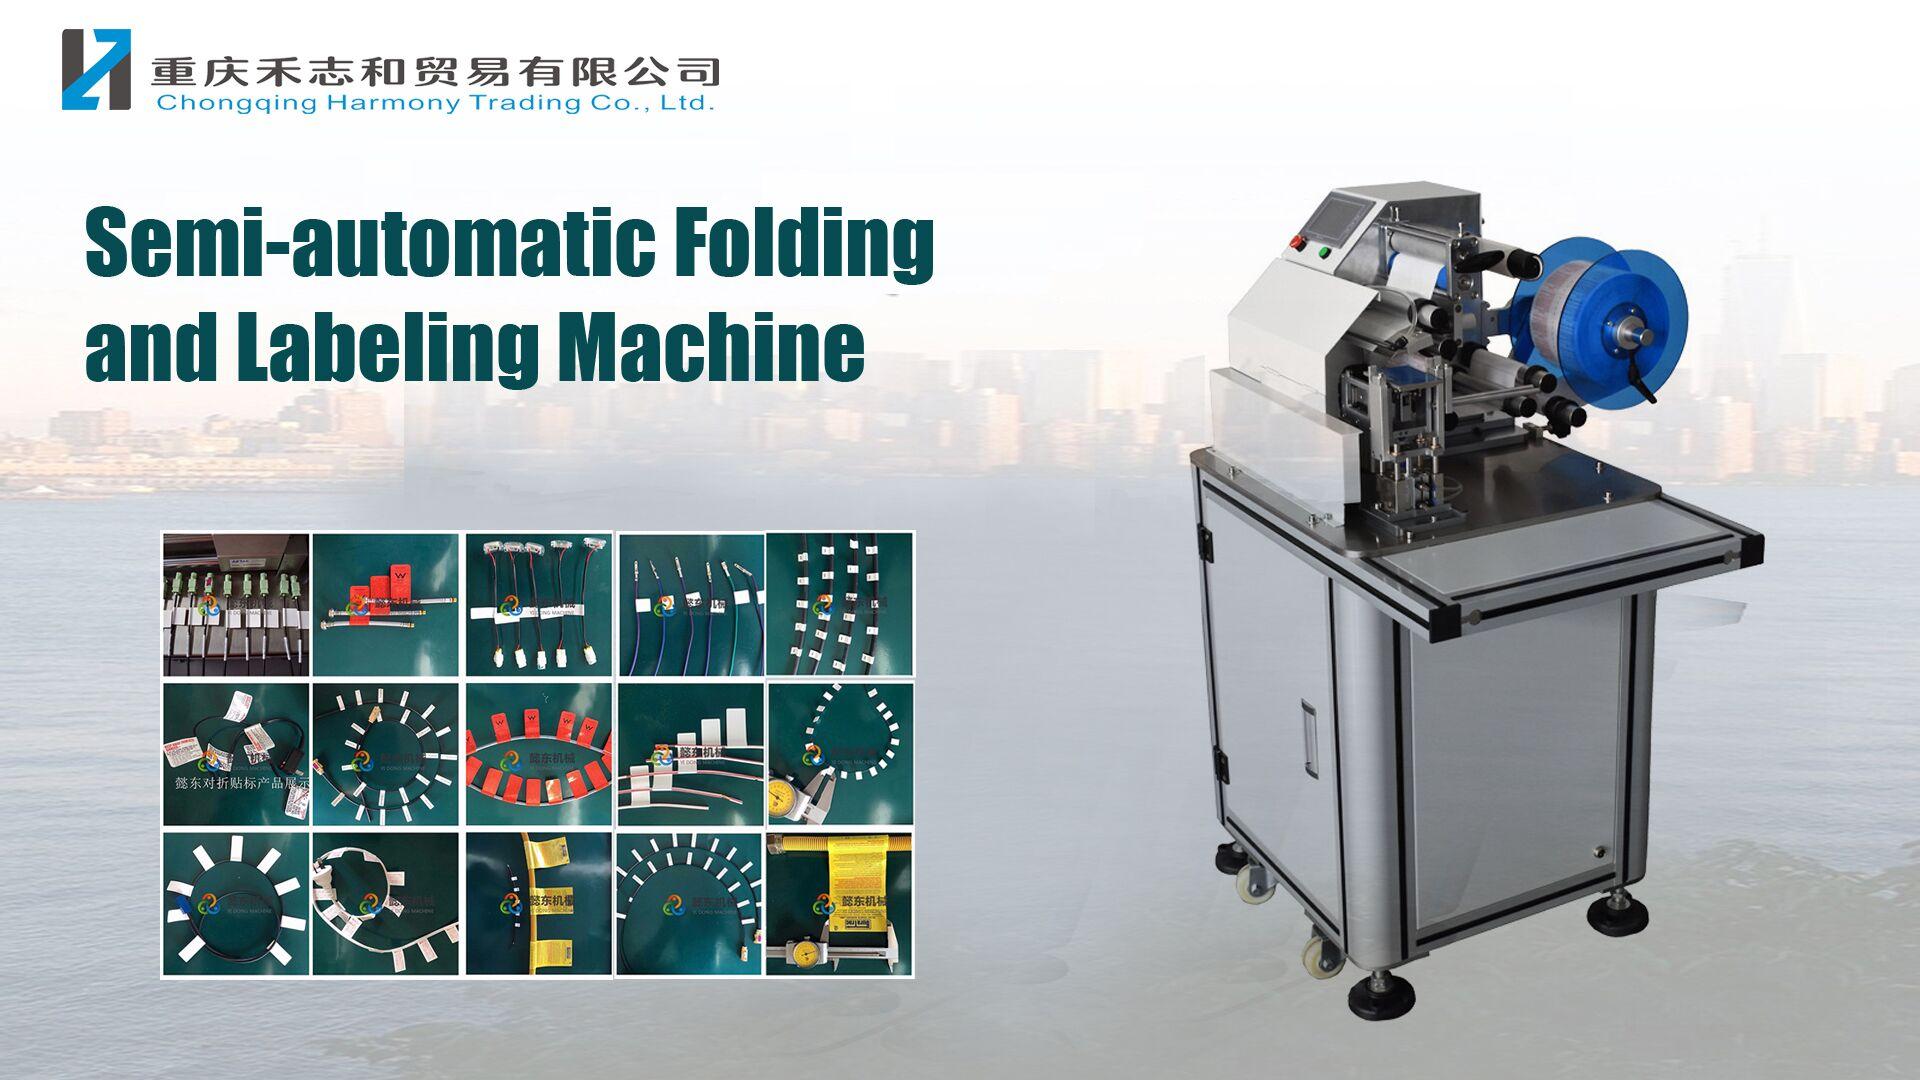 Semi-automatic Folding and Labeling Machine